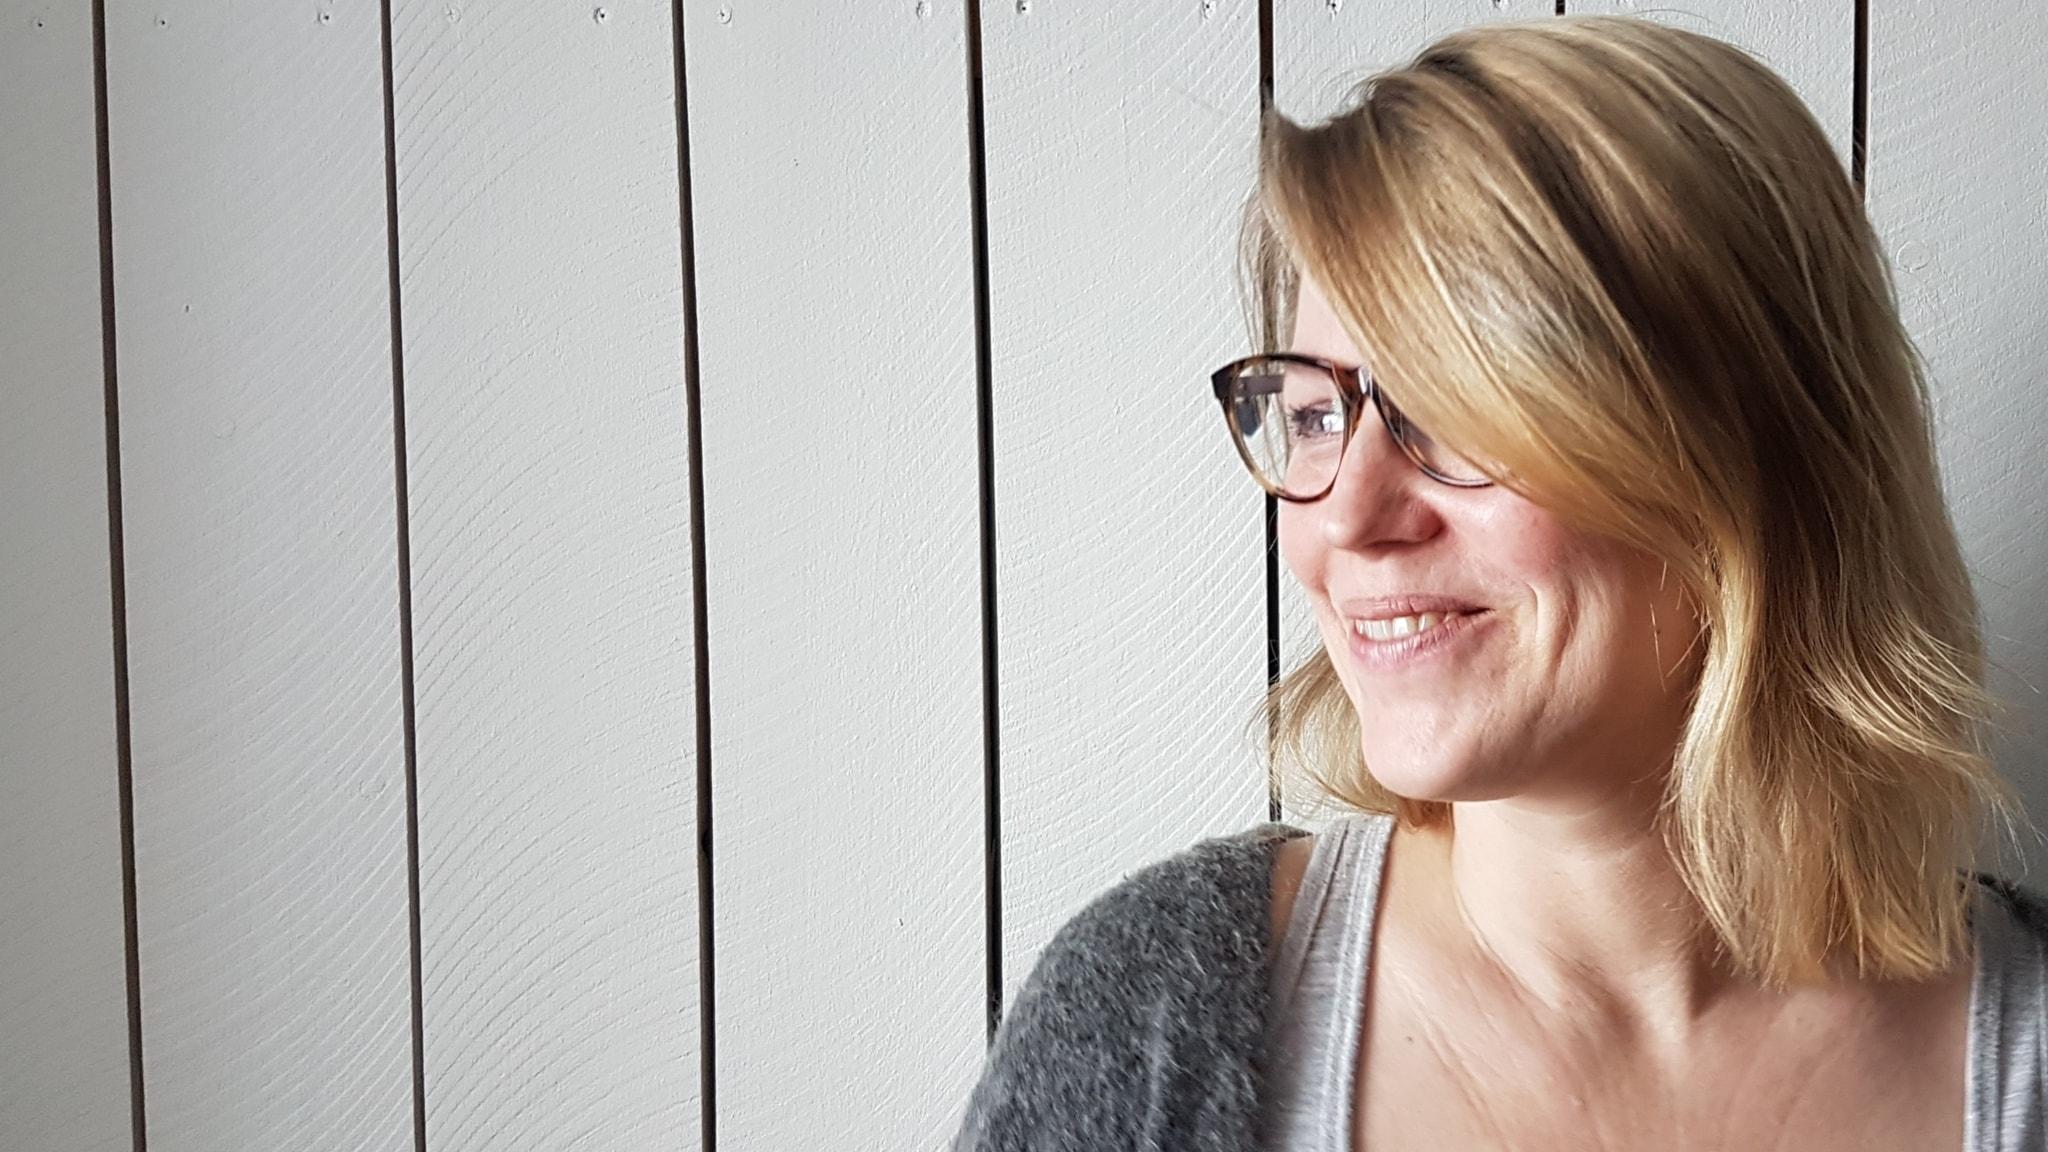 Anna Broström - Jag känner mig ensam i kväll - spela